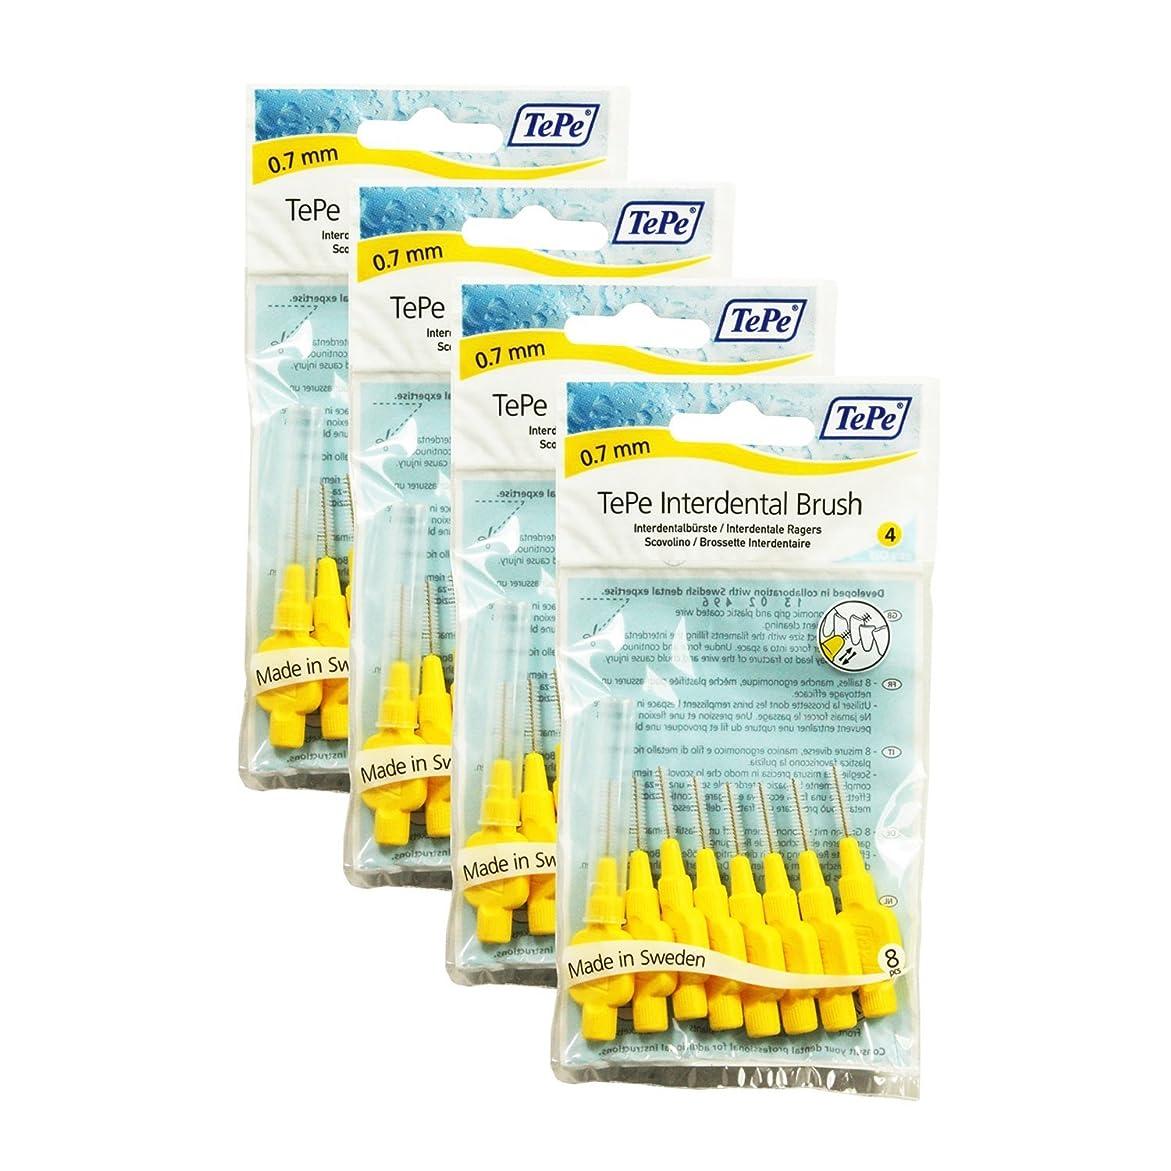 電話に出る首尾一貫した喜びTePe Interdental Brushes 0.7mm Yellow - 4 Packets of 8 (32 Brushes) by TePe